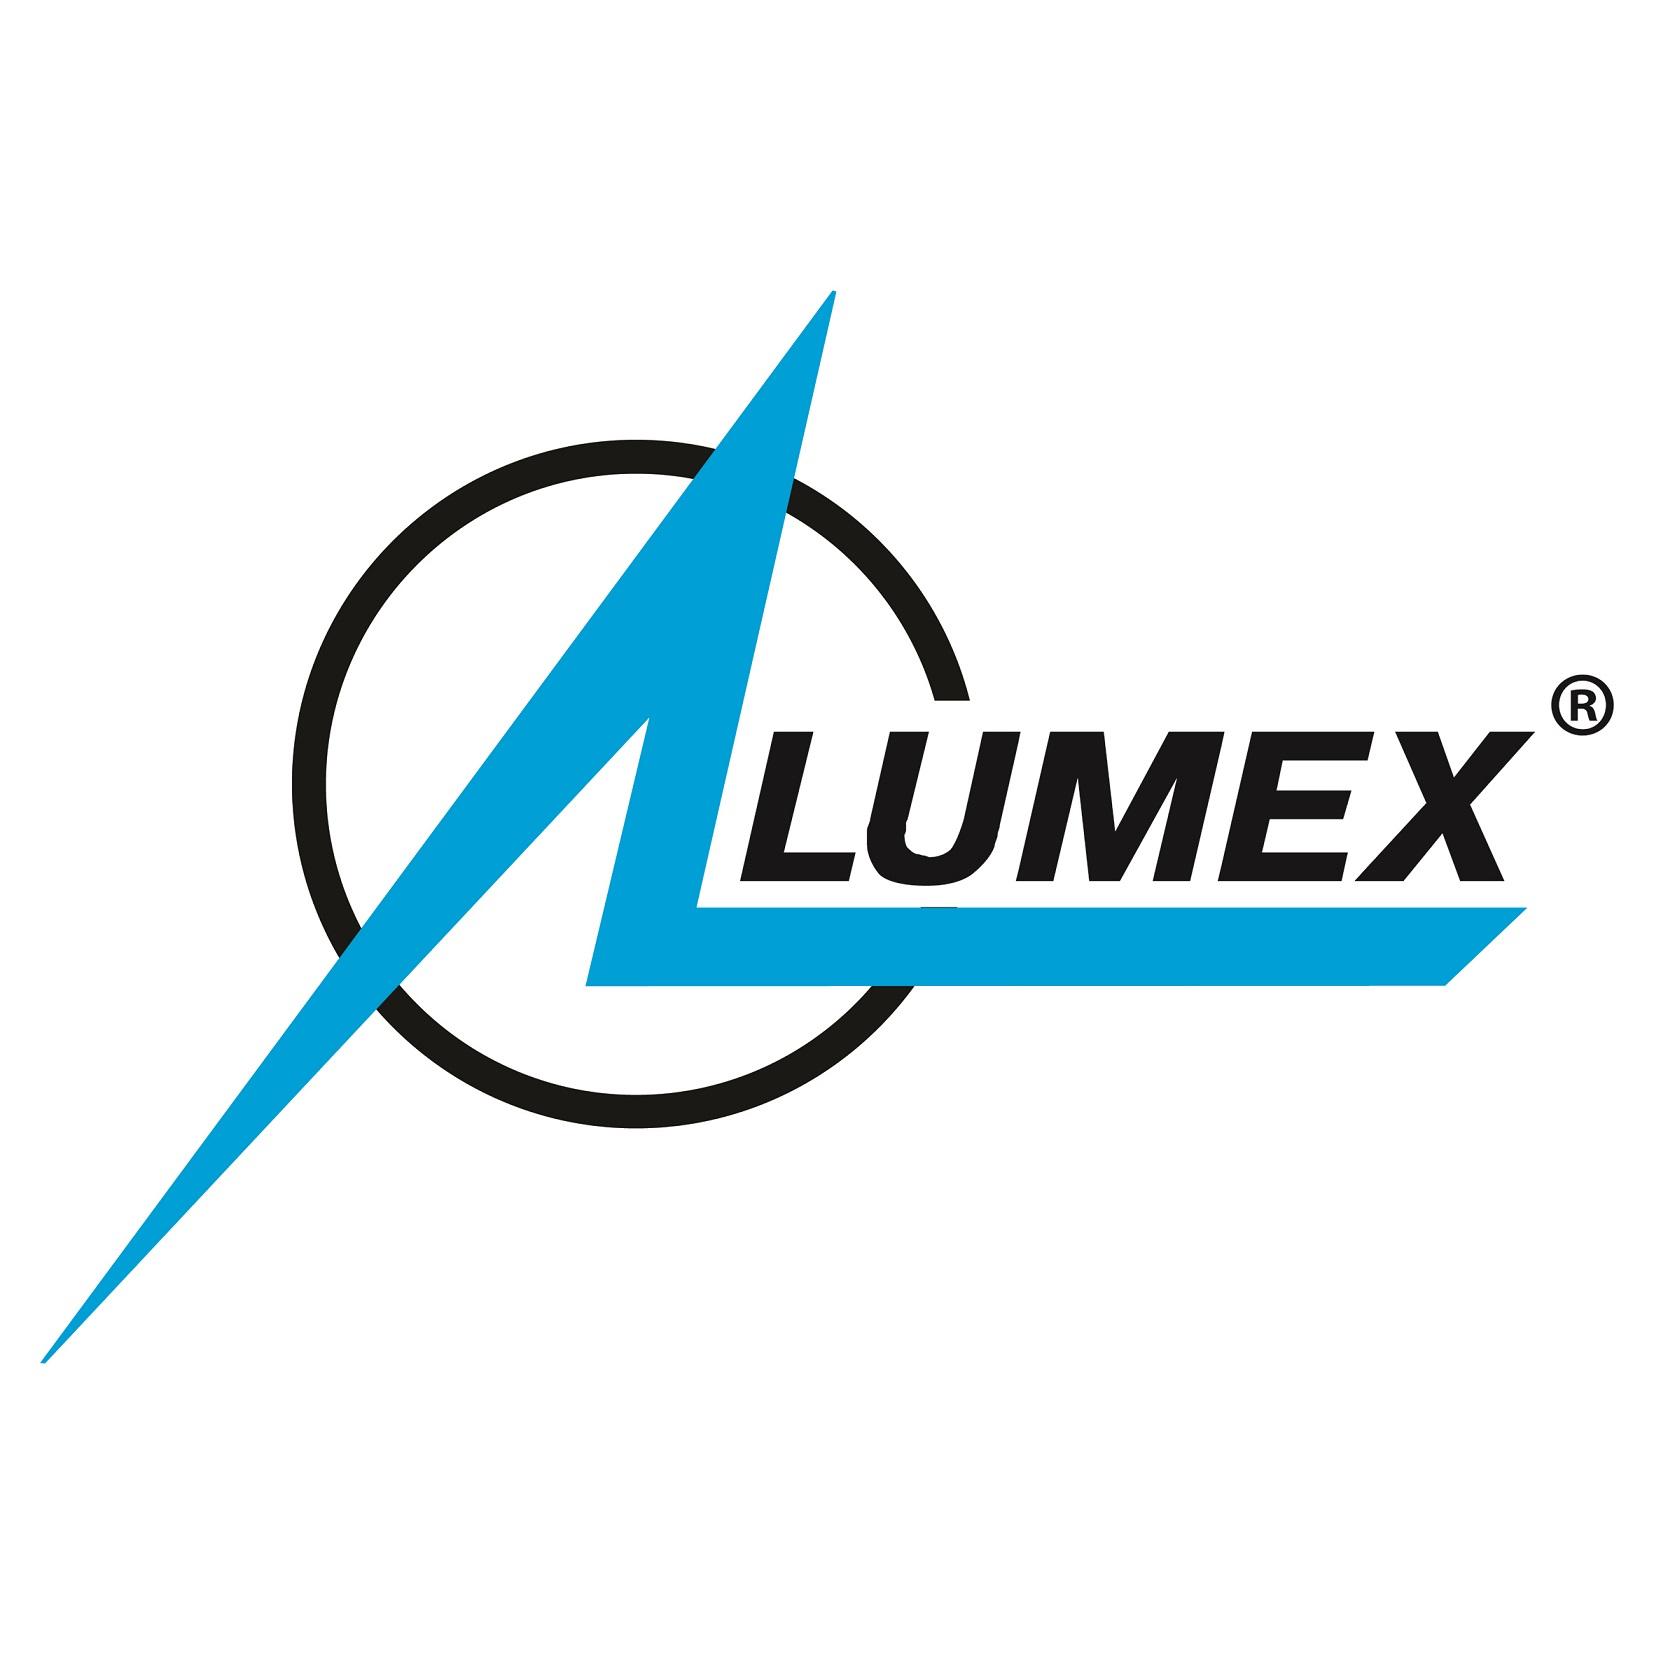 LUMEX鲁美科思分析仪器